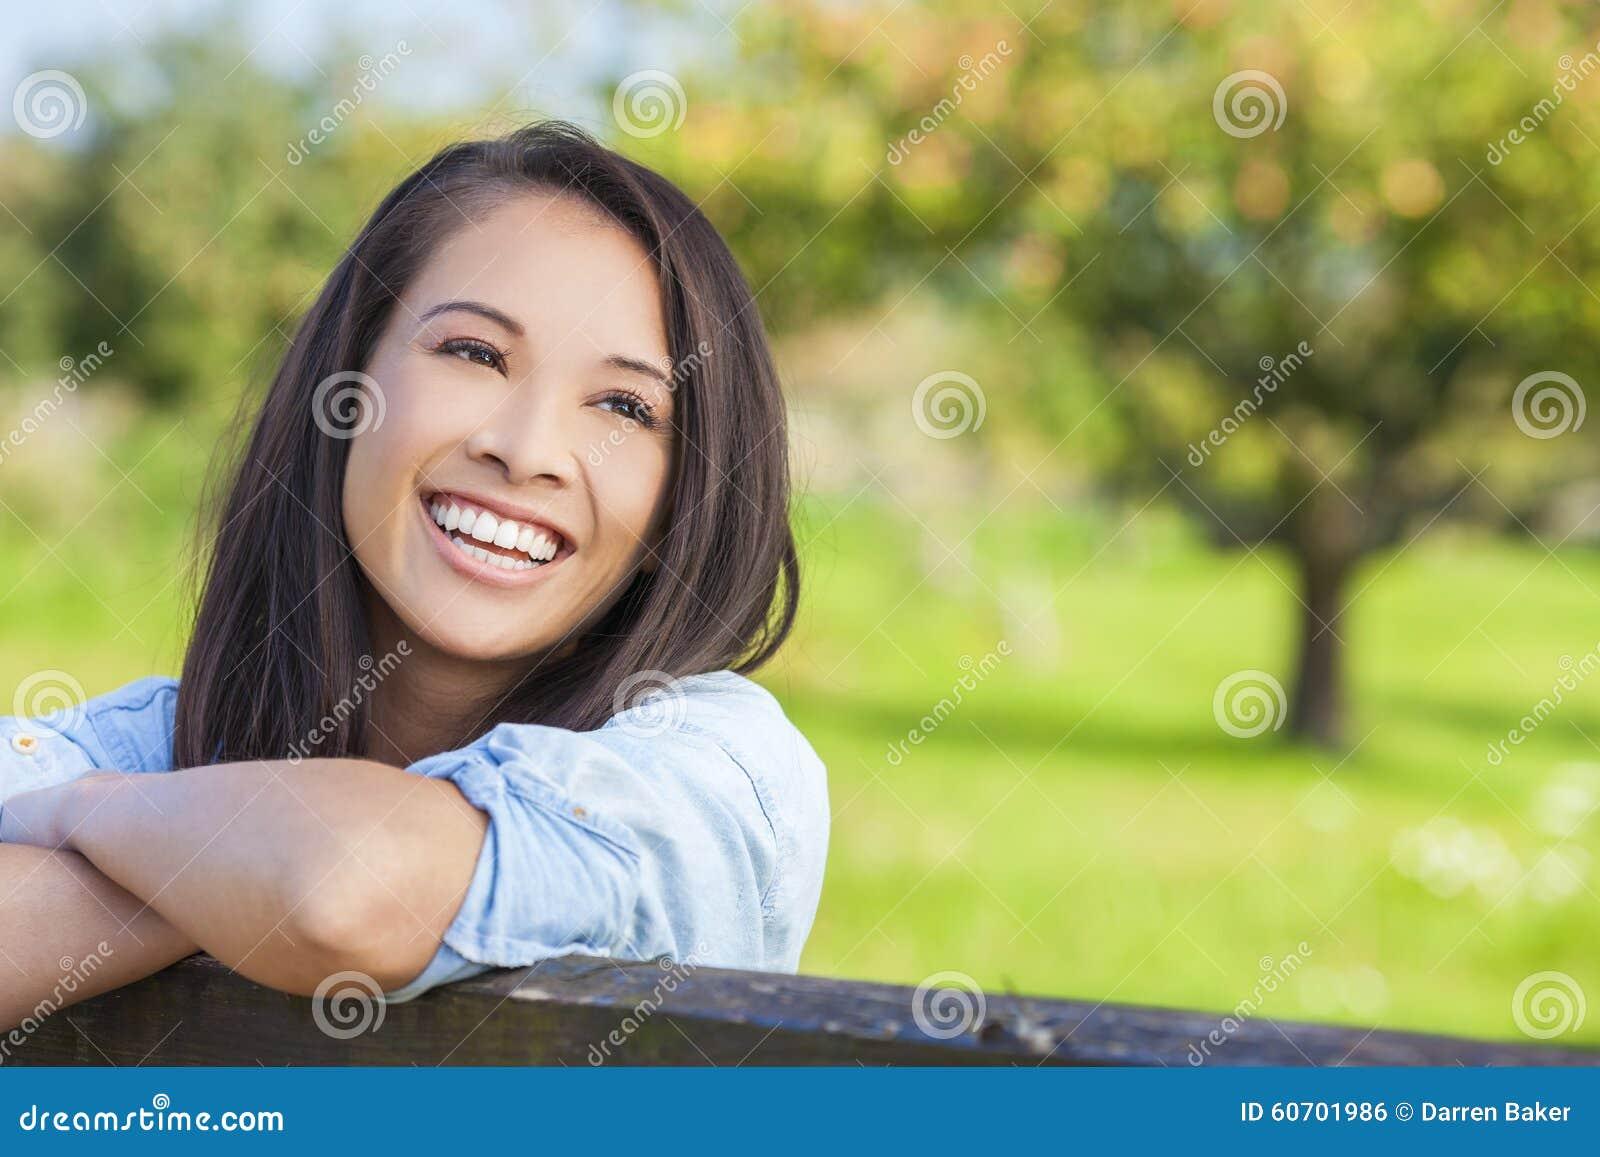 Eurasienne Photo belle fille eurasienne asiatique souriant avec les dents parfaites